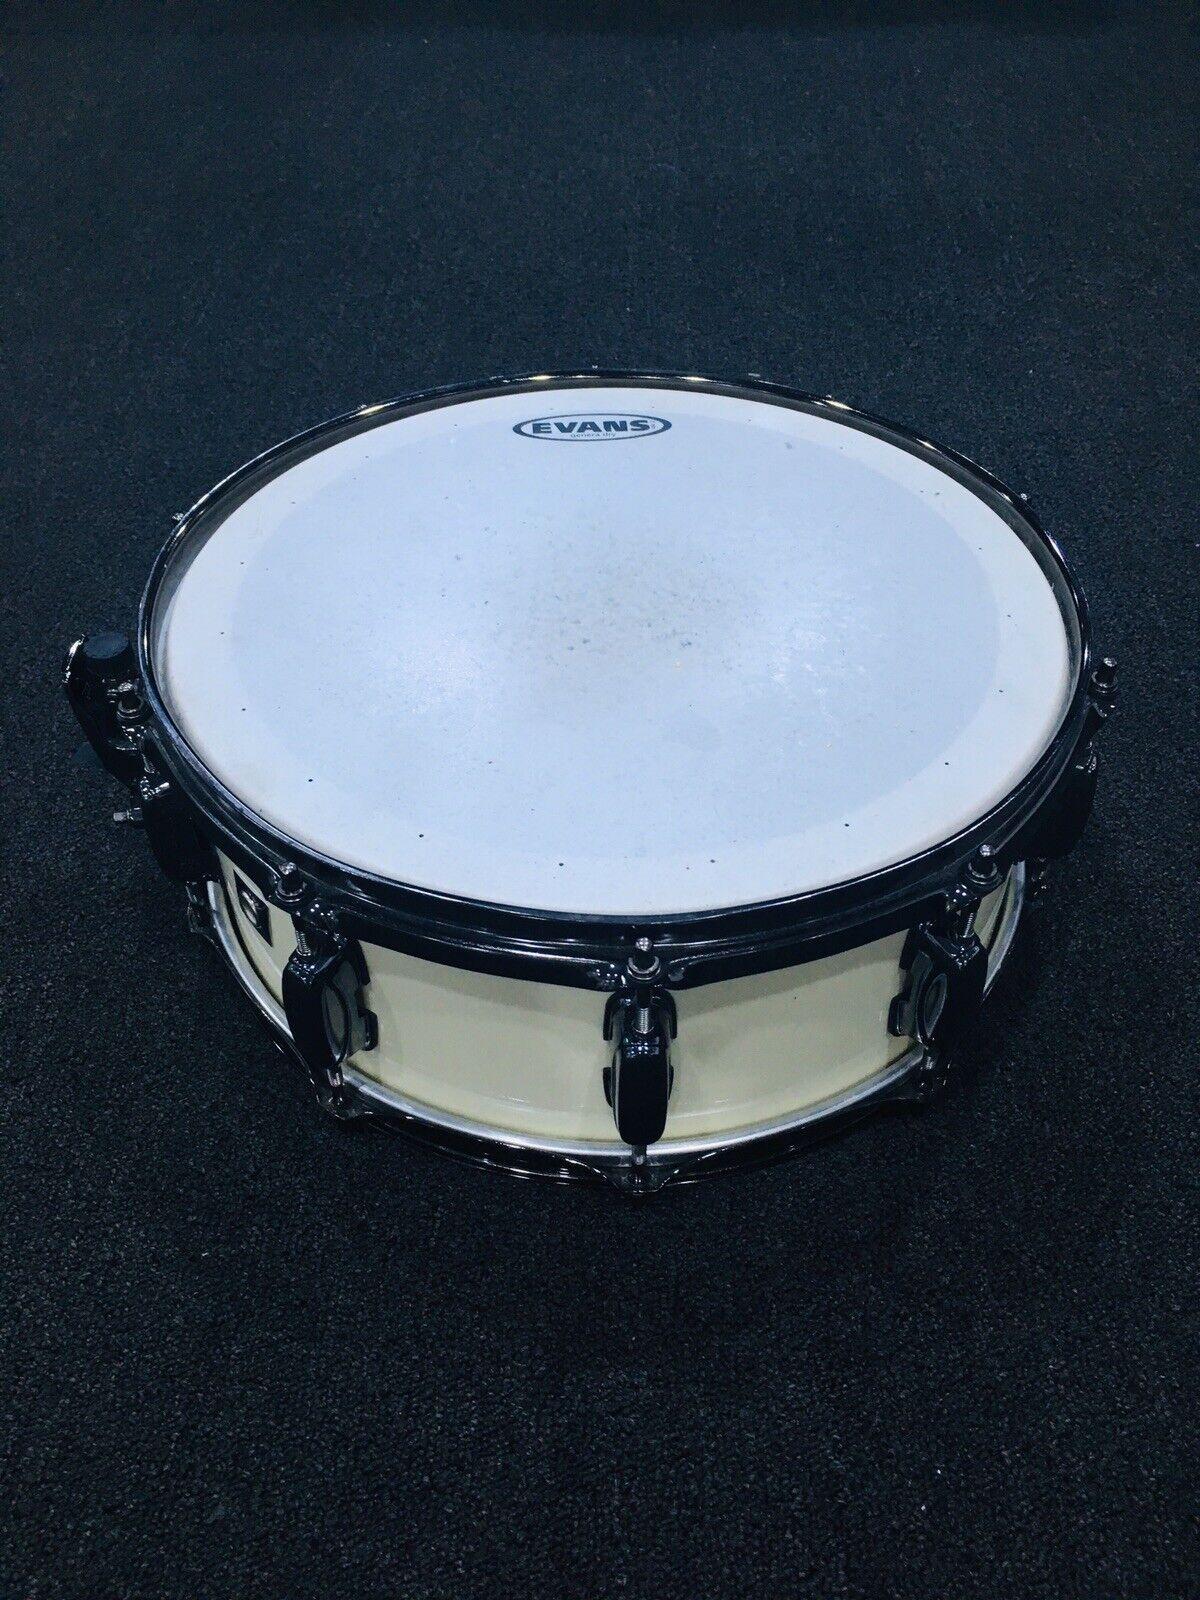 Tama 5.5x14 Maple Snare Drum Cream Smoked Nickel Hardware Very Nice